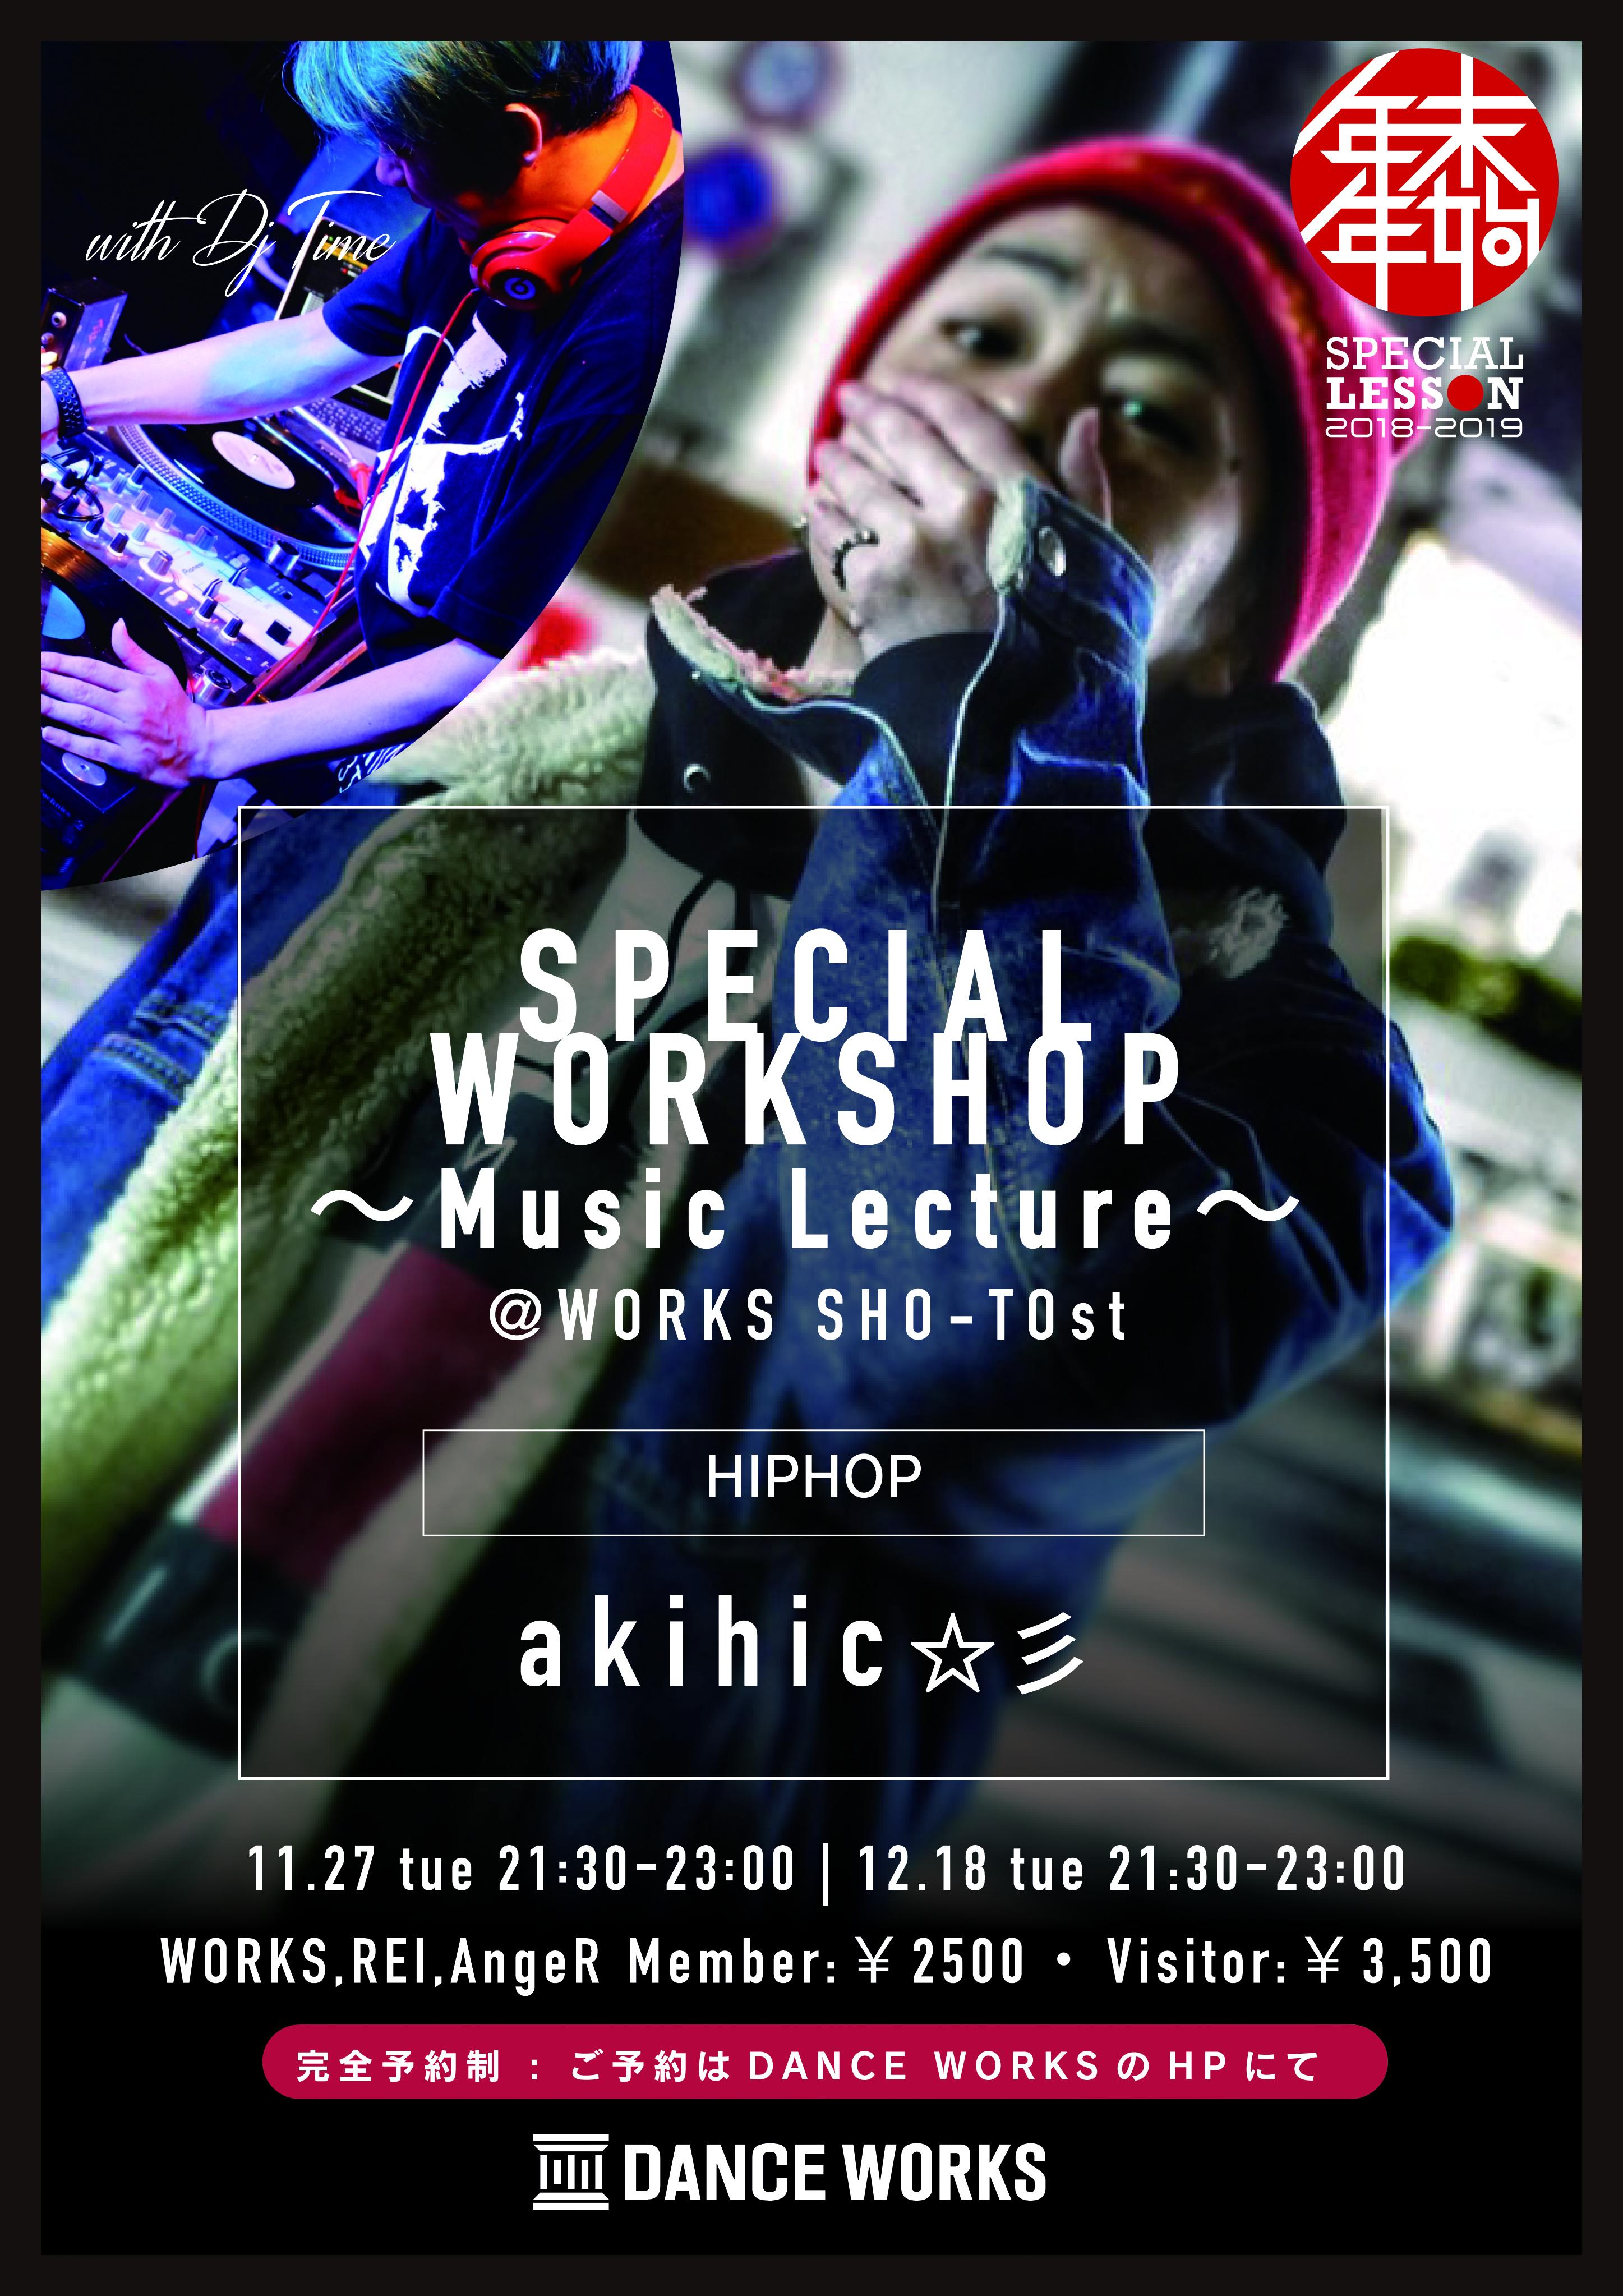 記事「【年末年始スペシャルワークショップ】akihic☆彡によるSPECIAL WORKSHOP〜Music Lecture〜開催決定!!」の画像